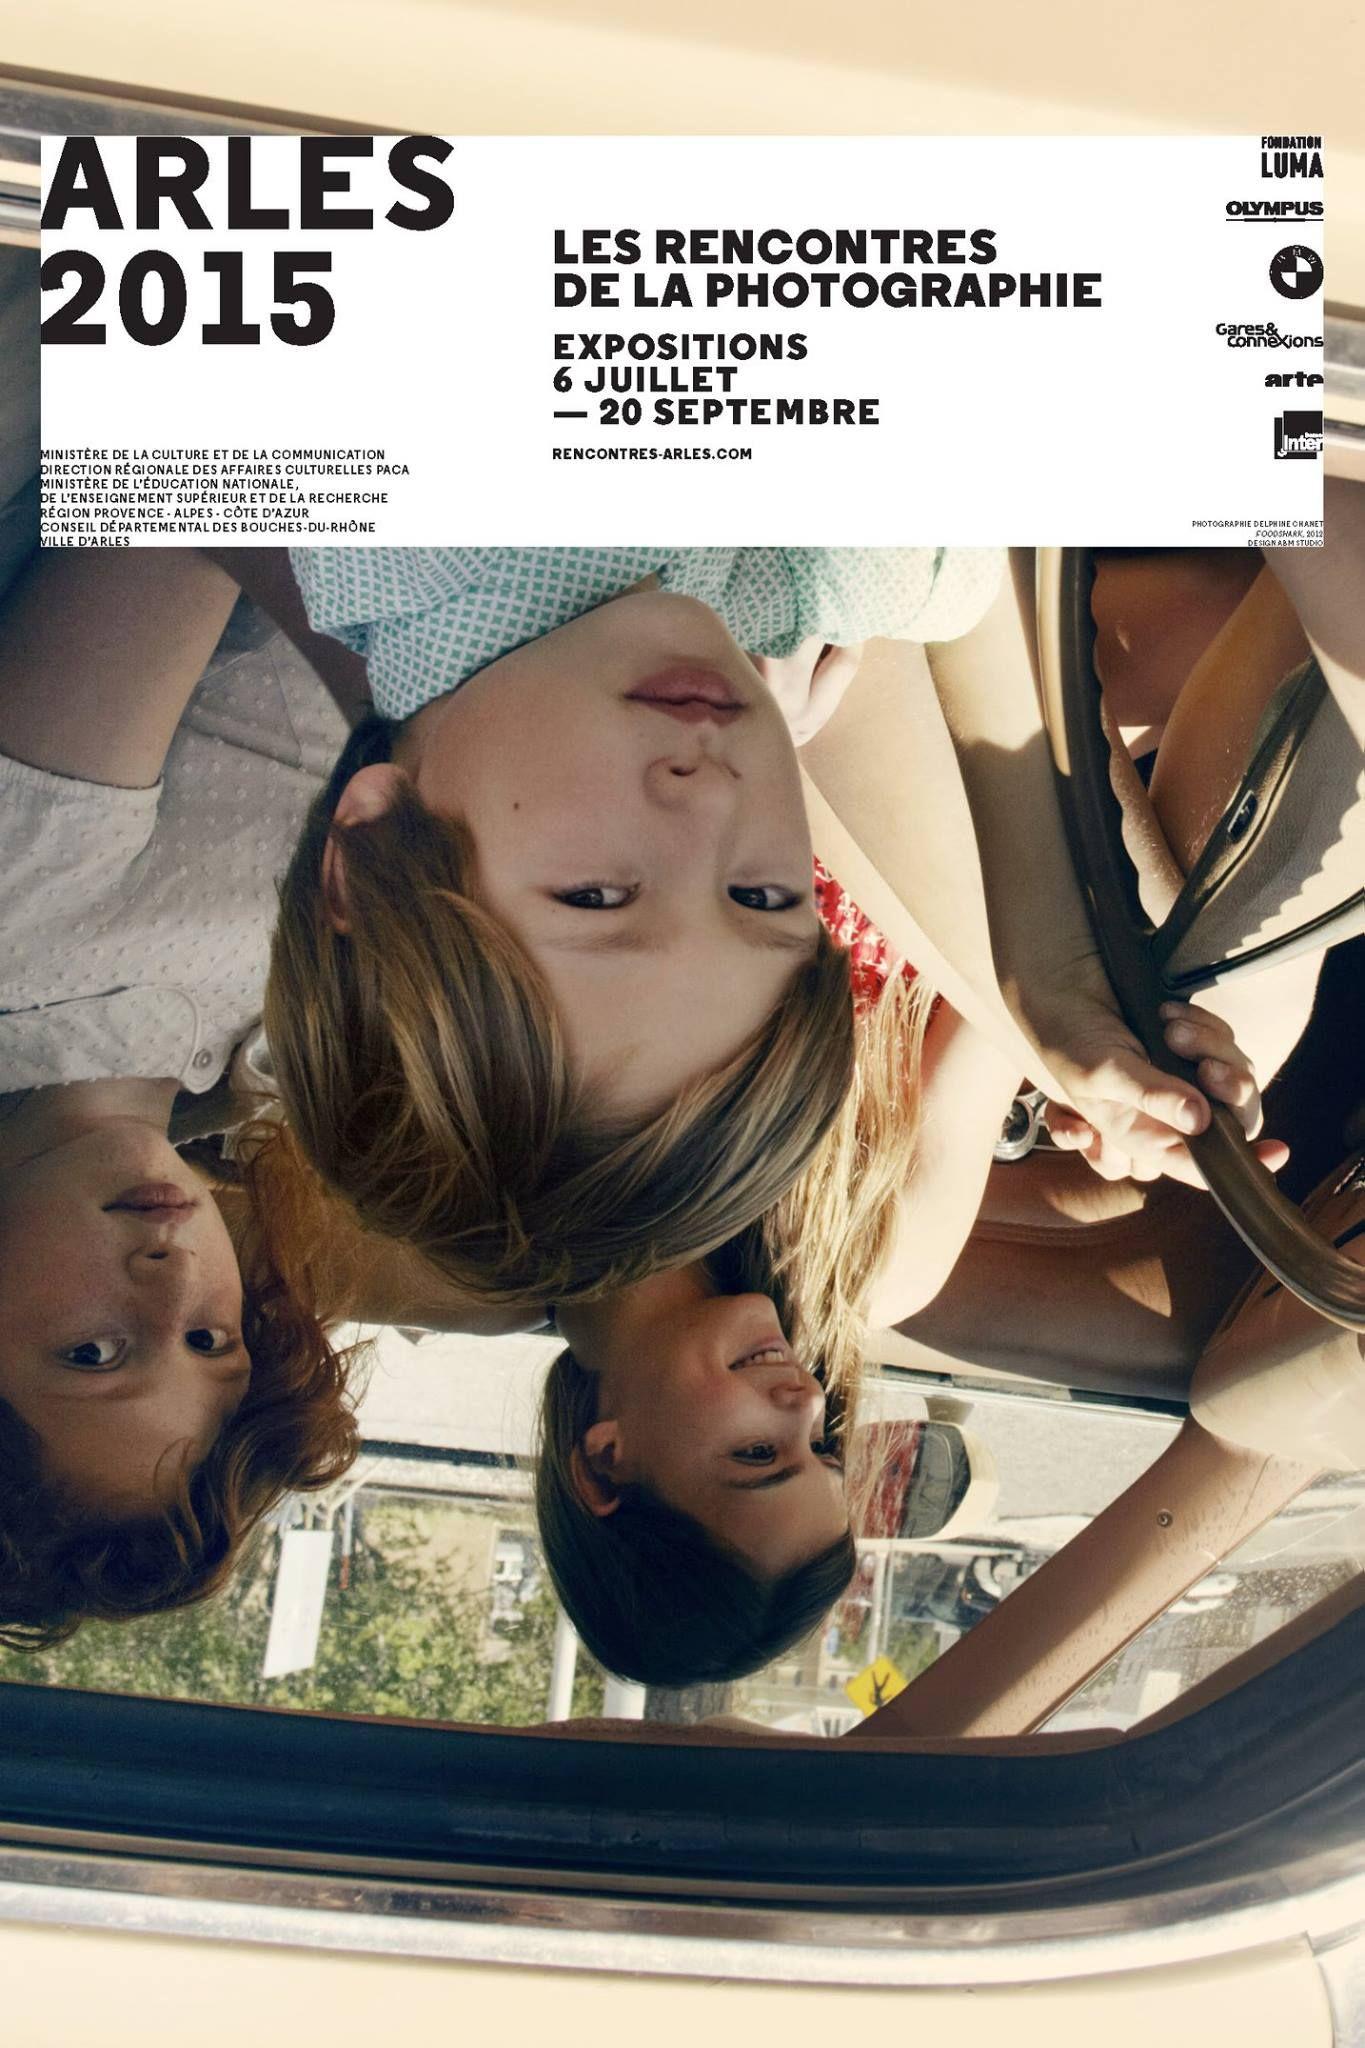 Azur'M : rencontrer l'autre, autrement | rap-culture.fr : Agence RP & Attachée de presse